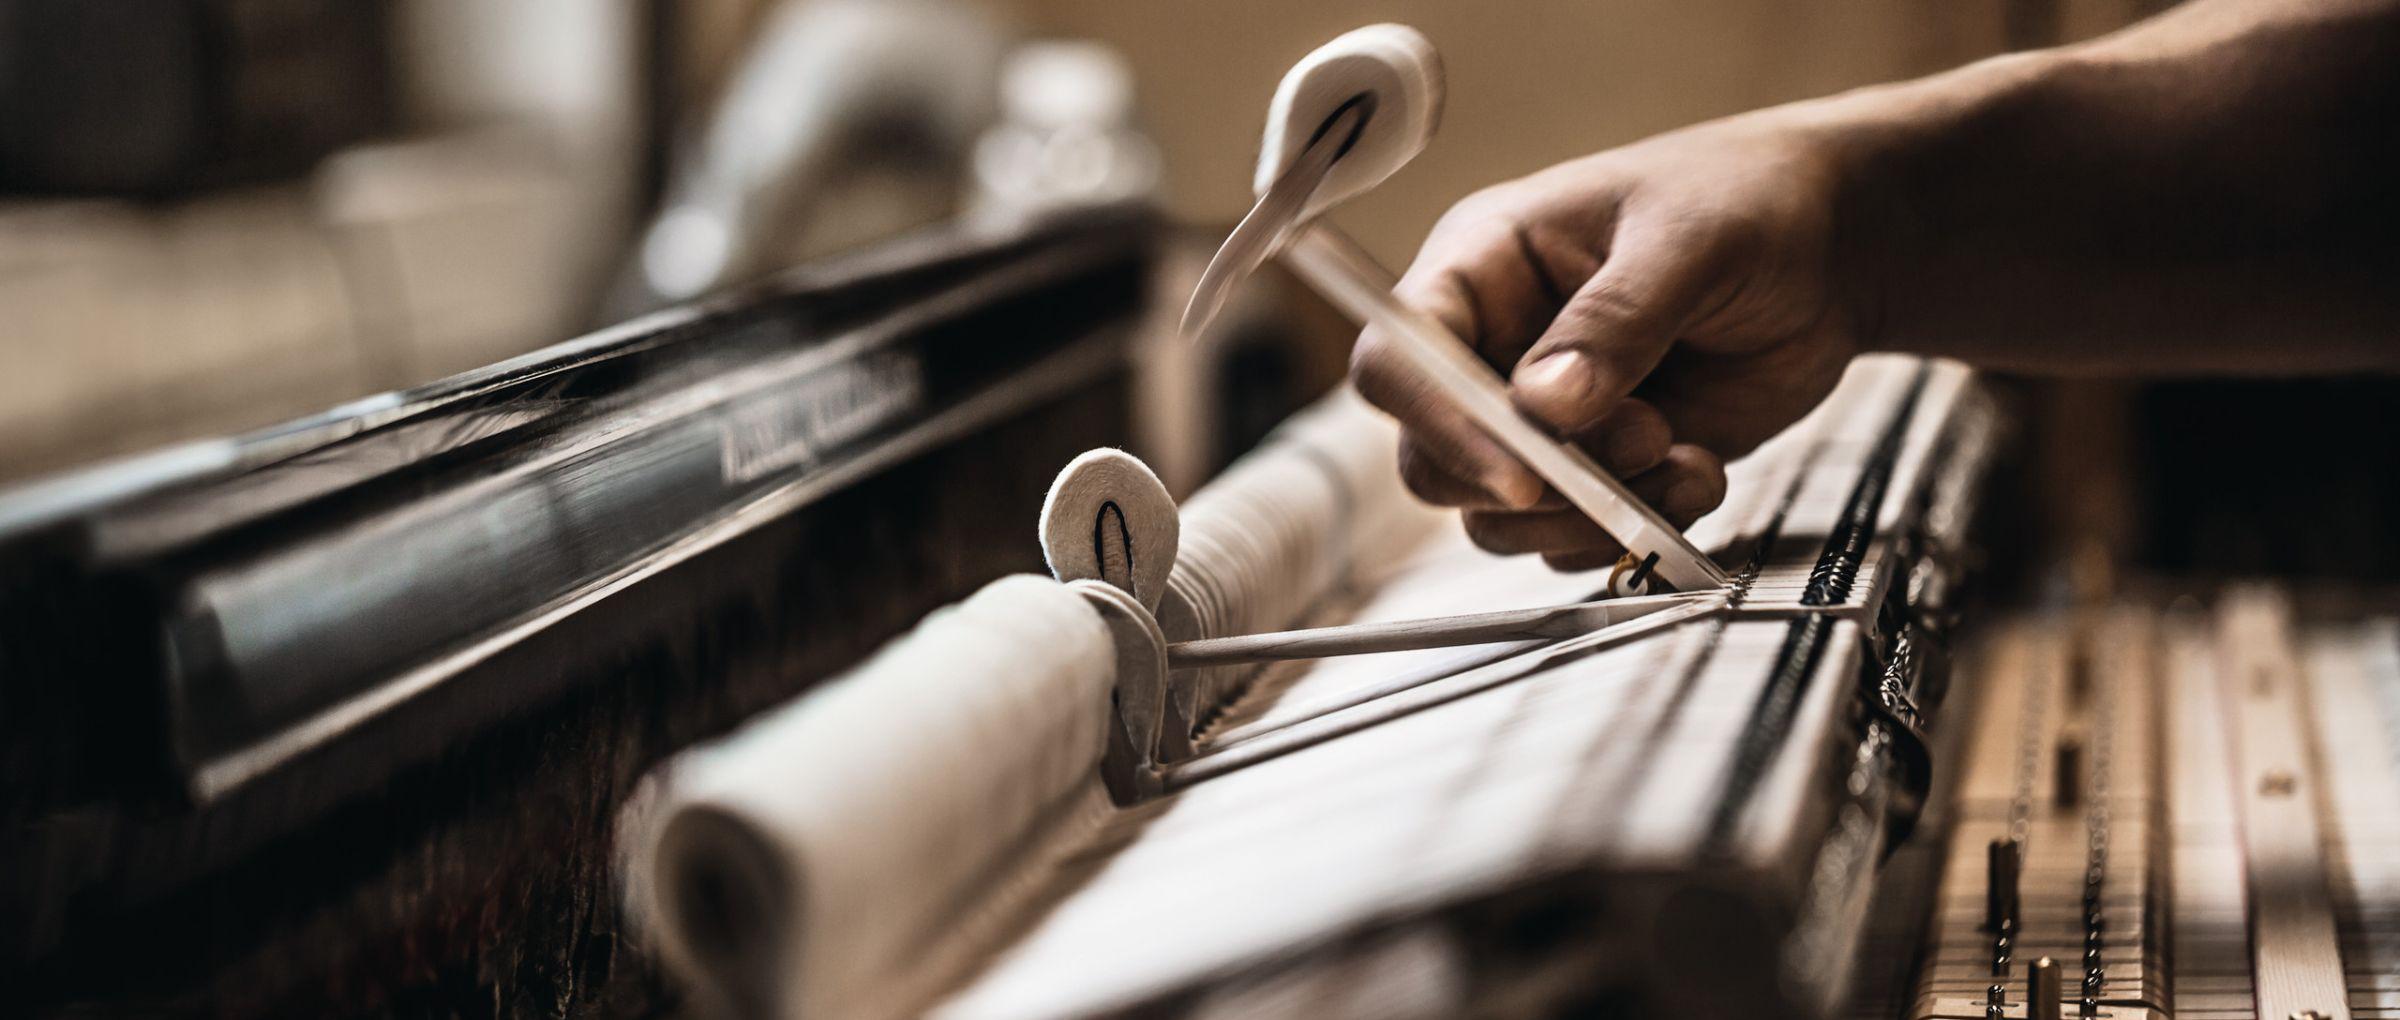 portland-piano-repair-from-michelles-piano